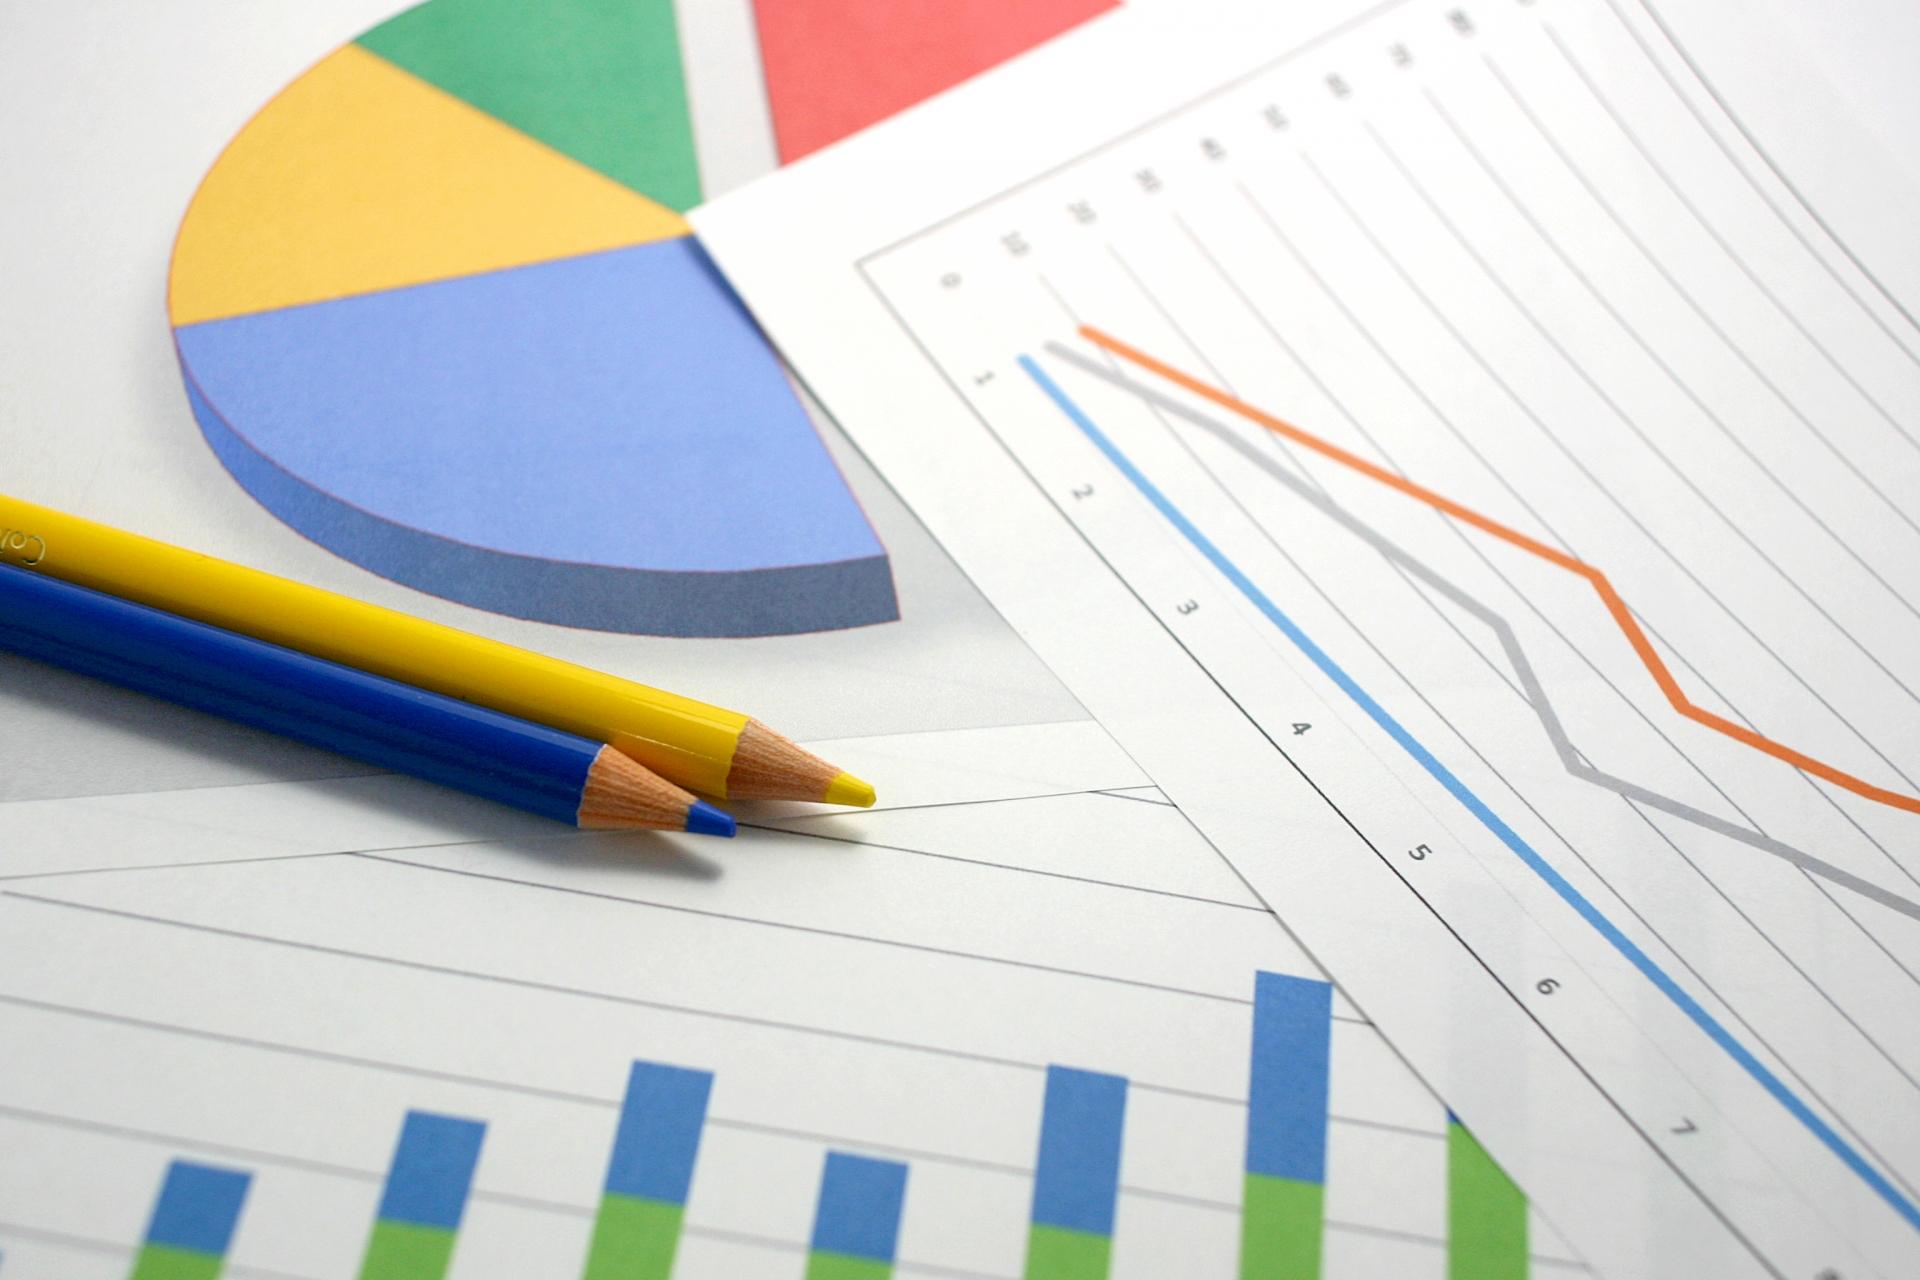 経営者のための経営分析手法